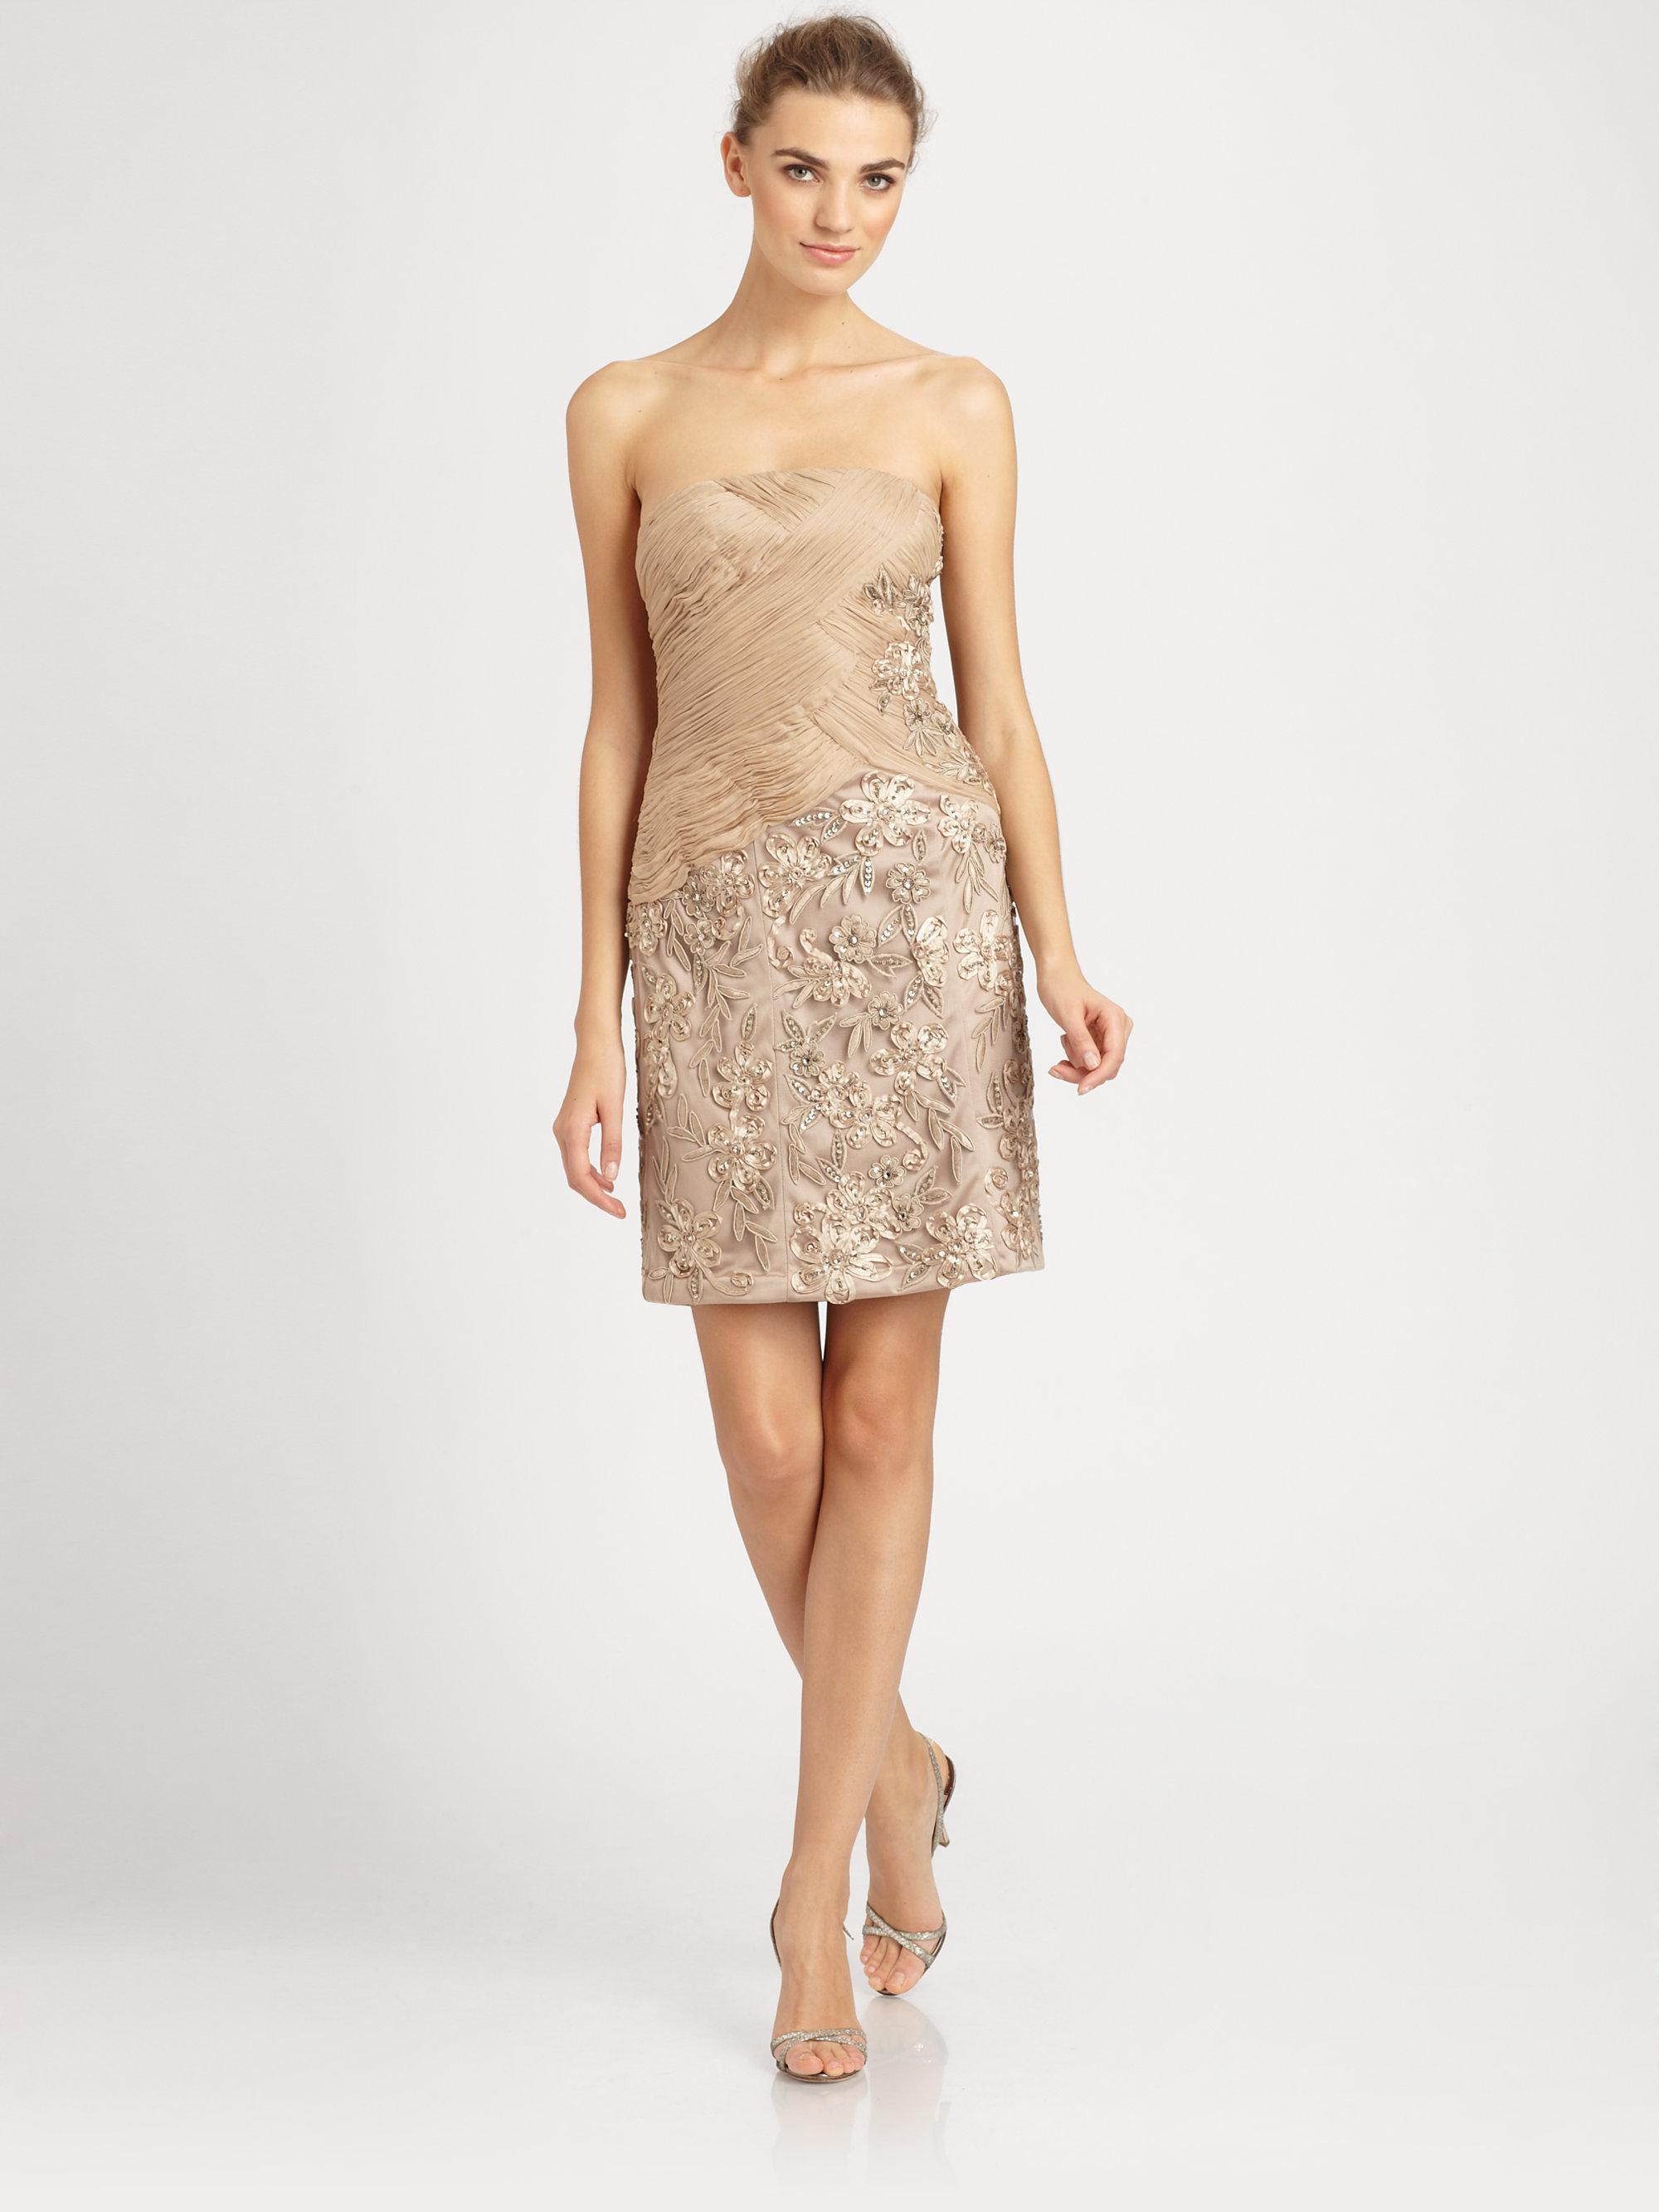 Sue Wong Beaded Strapless Dress - KD Dress